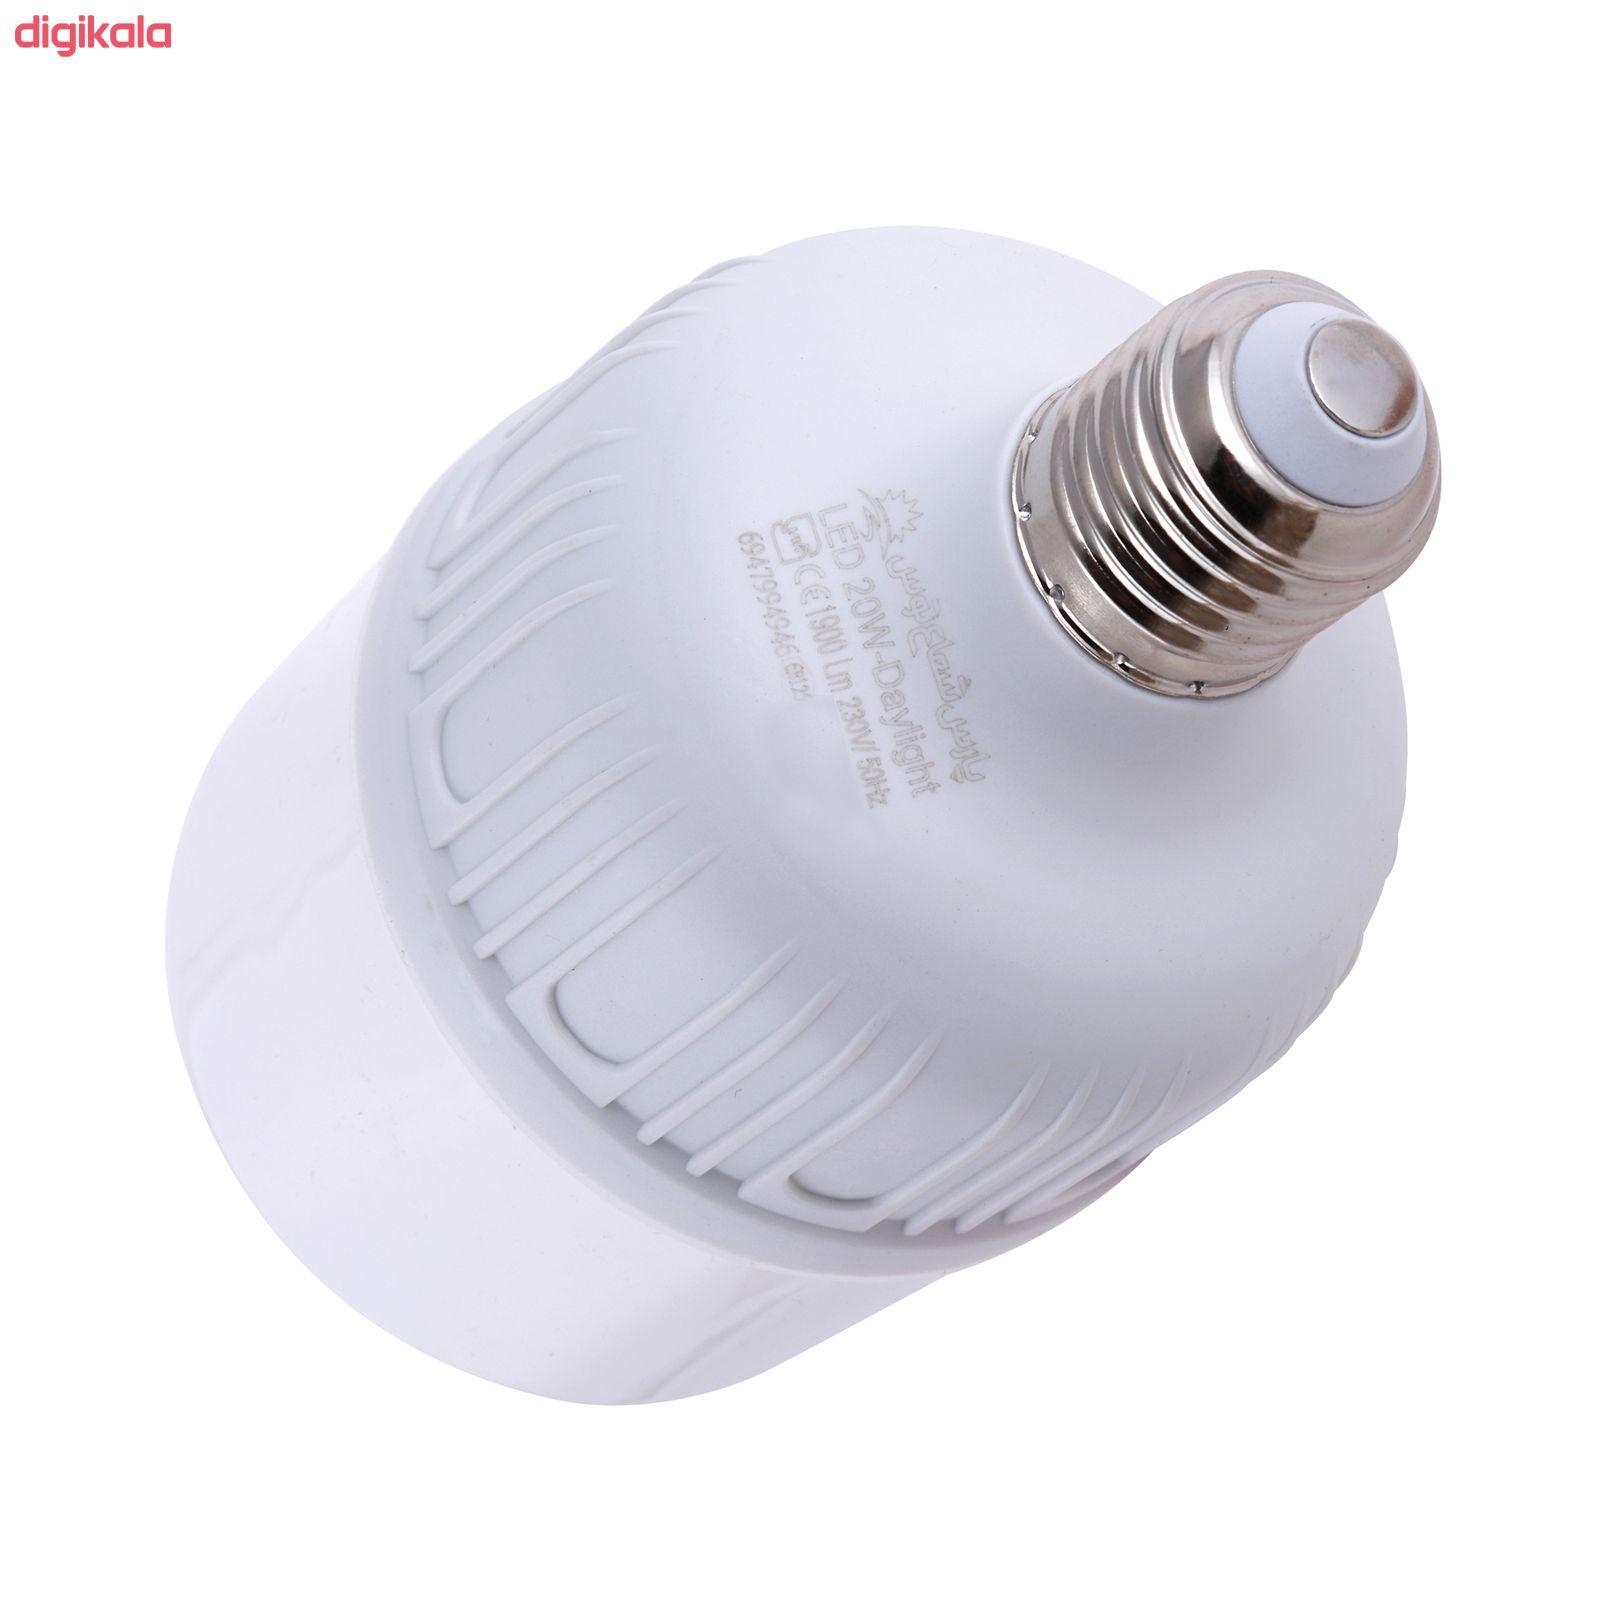 لامپ ال ای دی 20 وات پارس شعاع توس مدل CY20 پایه E27 main 1 1